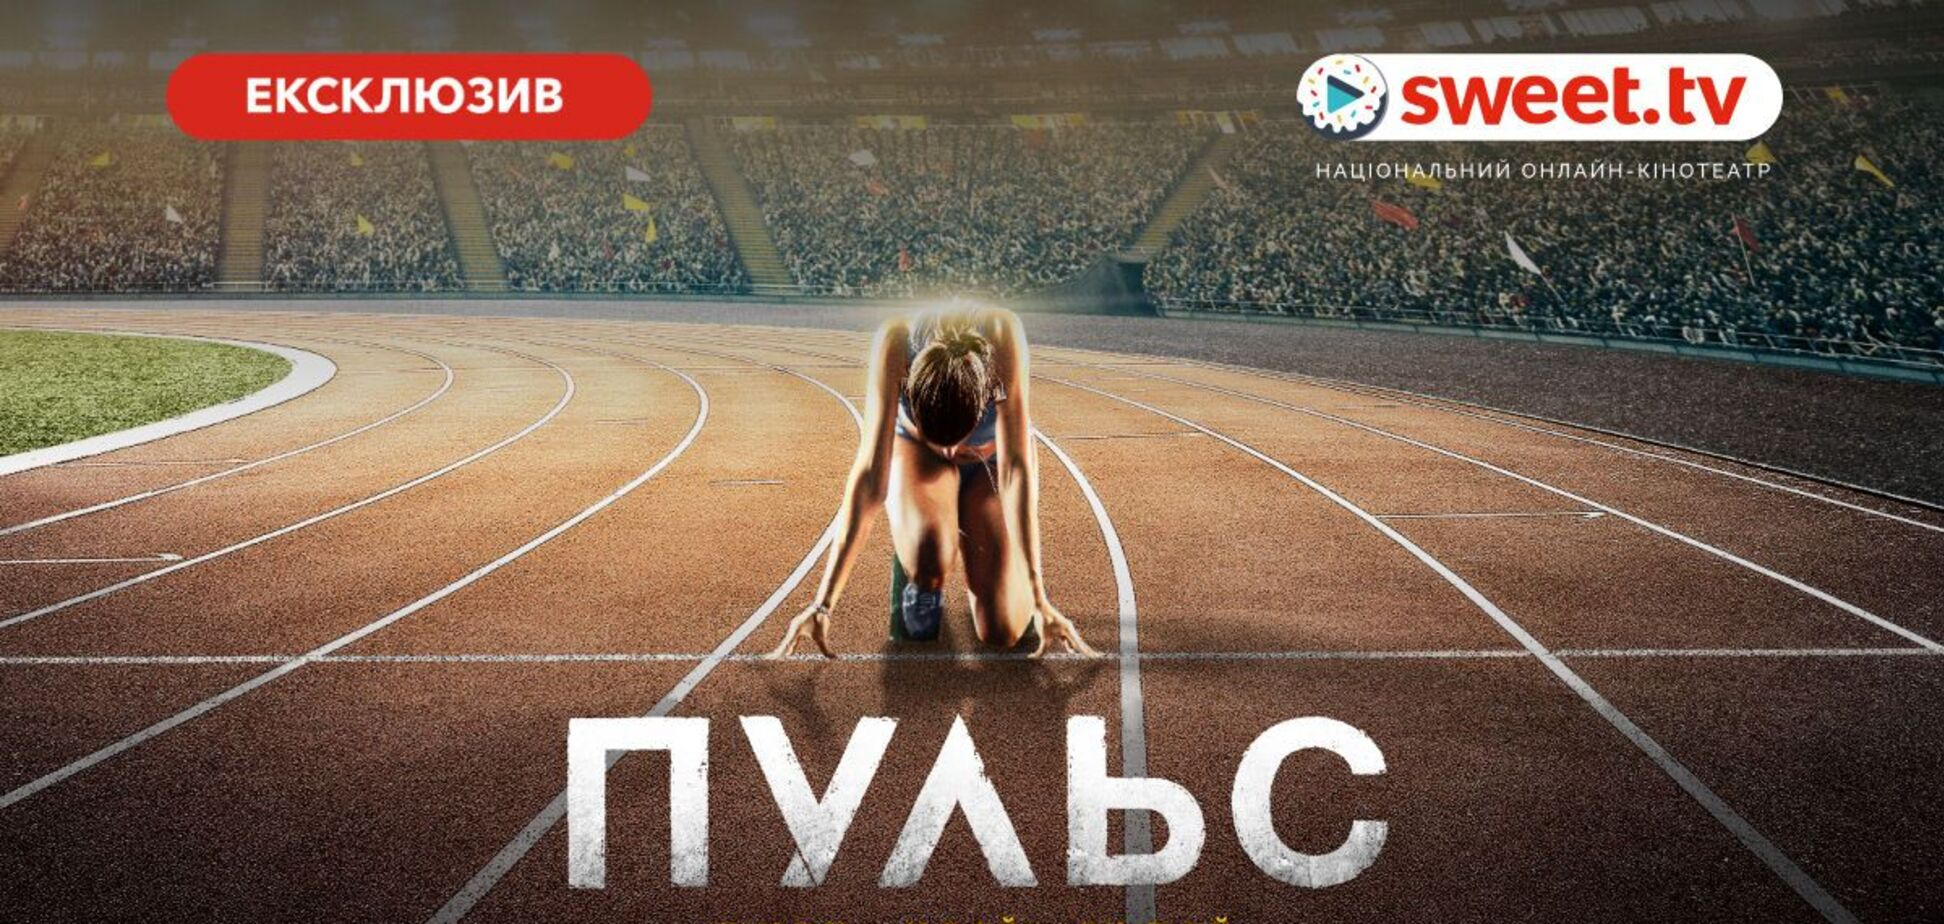 SWEET.TV начал онлайн-показ украинской драмы 'Пульс' одновременно с кинопремьерой